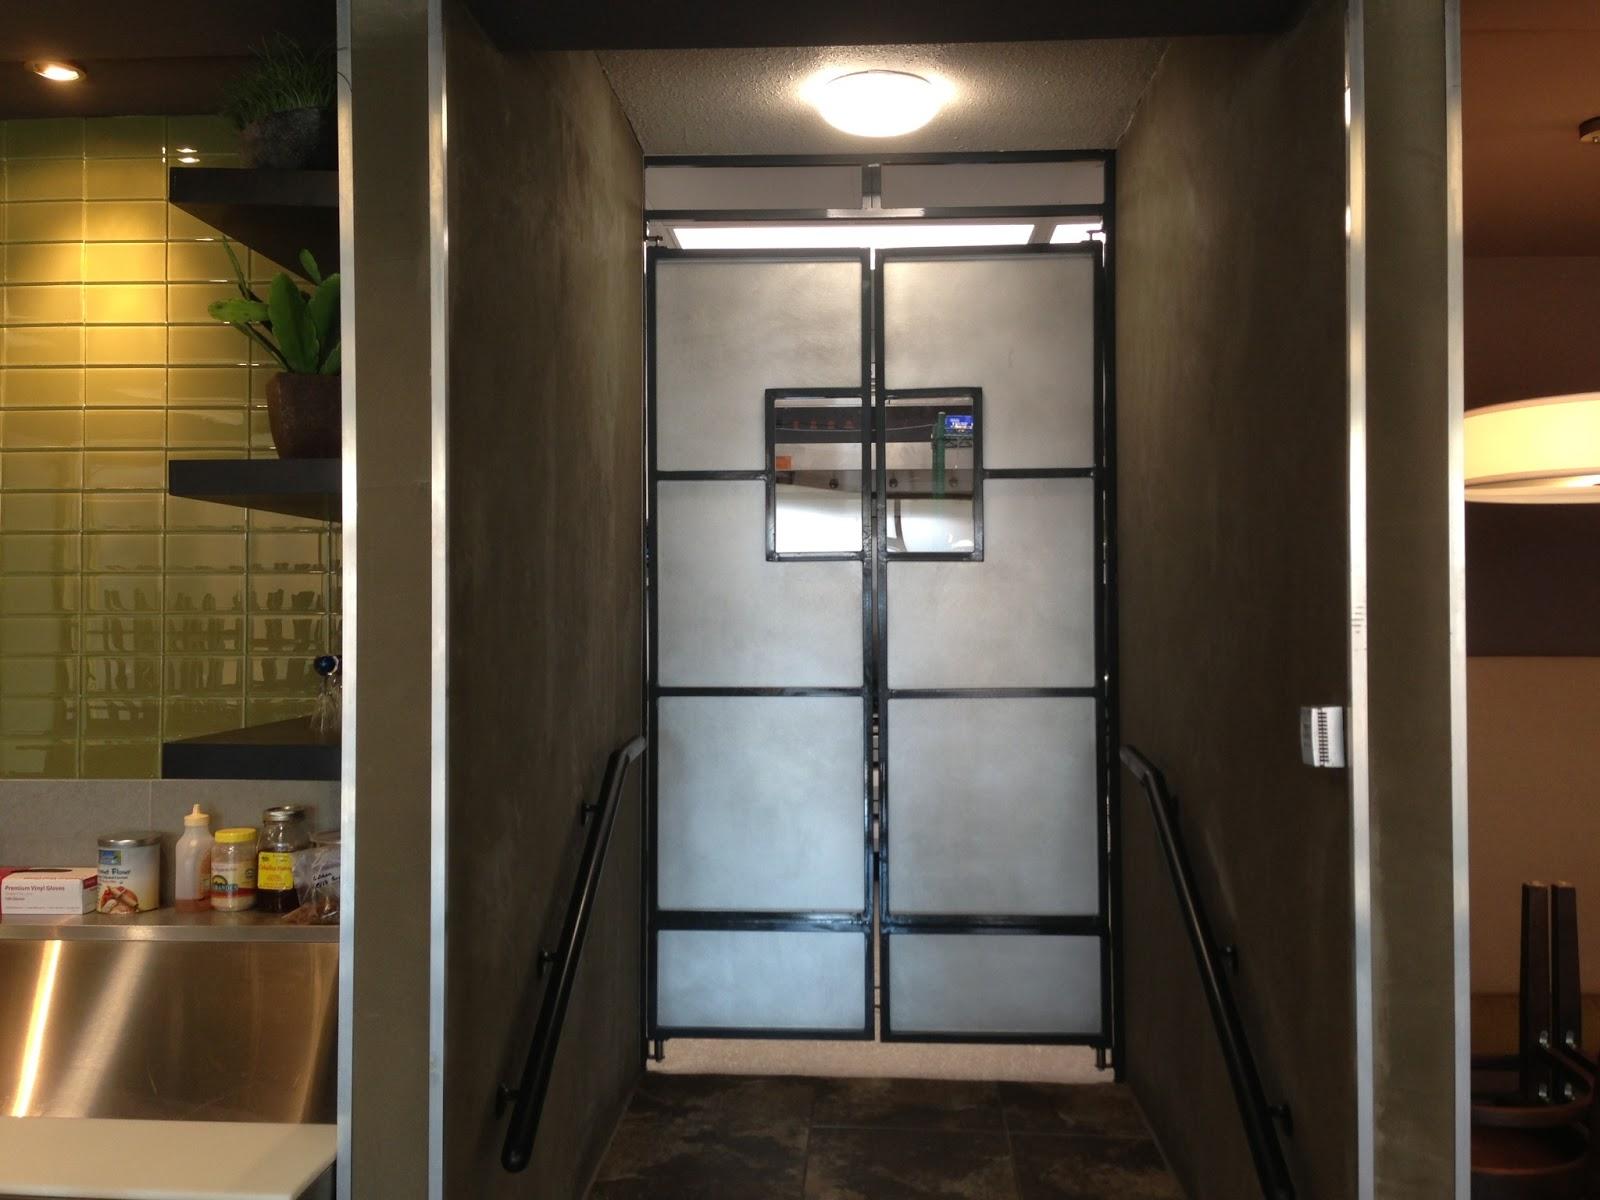 Restaurant Kitchen/Dining Swinging Entry Doors - Dezert ...